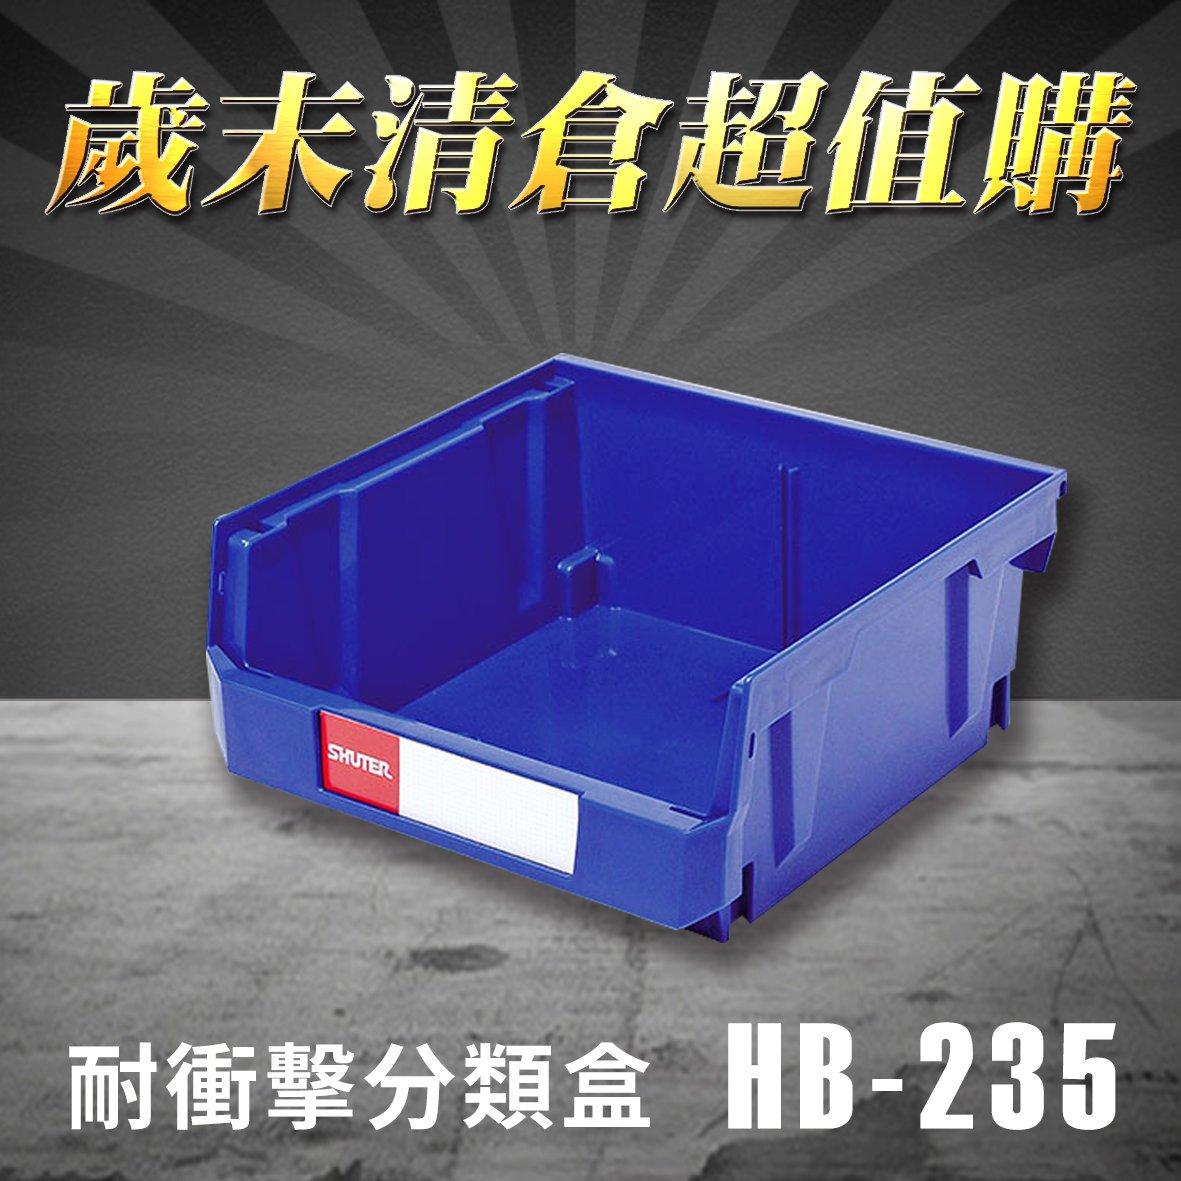 【歲末 購】 樹德 分類整理盒 HB-235 耐衝擊 收納 置物 工具箱 工具盒 零件盒 分類盒 抽屜櫃